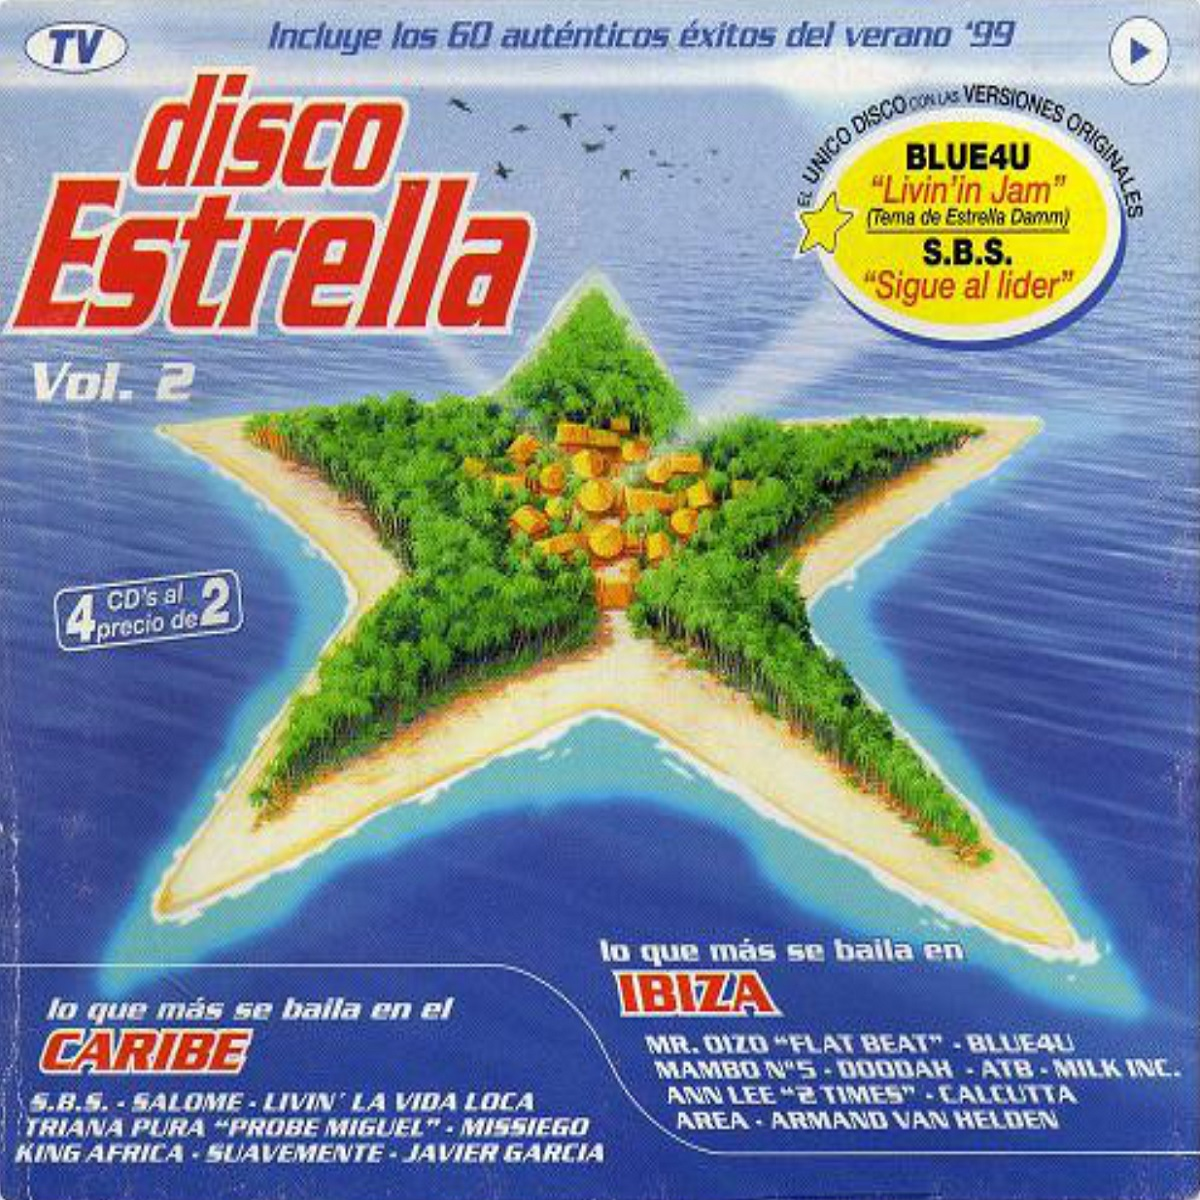 Disco Estrella Vol. 2